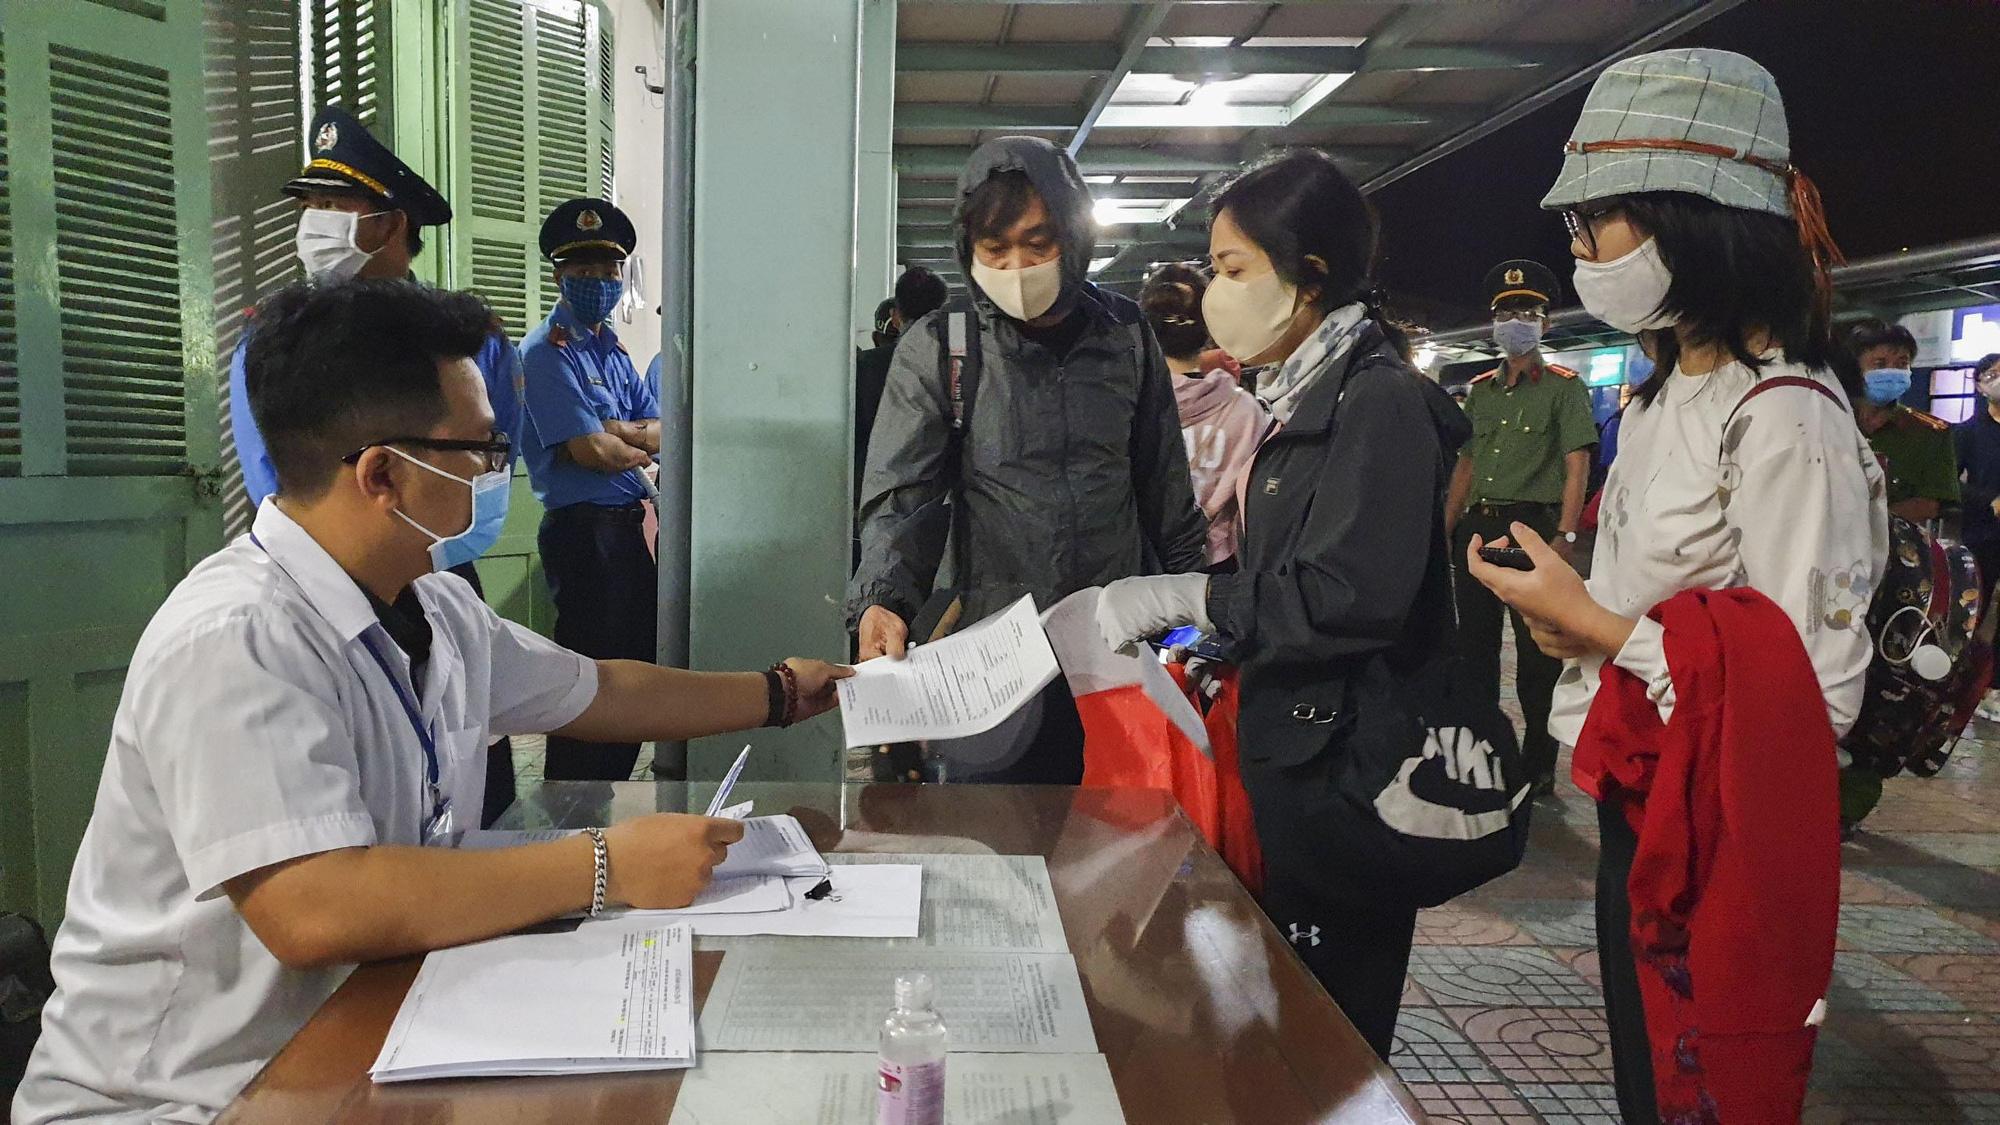 Khánh Hòa: 5 trạm kiểm soát liên ngành chính thức hoạt động từ ngày 10/4 - Ảnh 1.